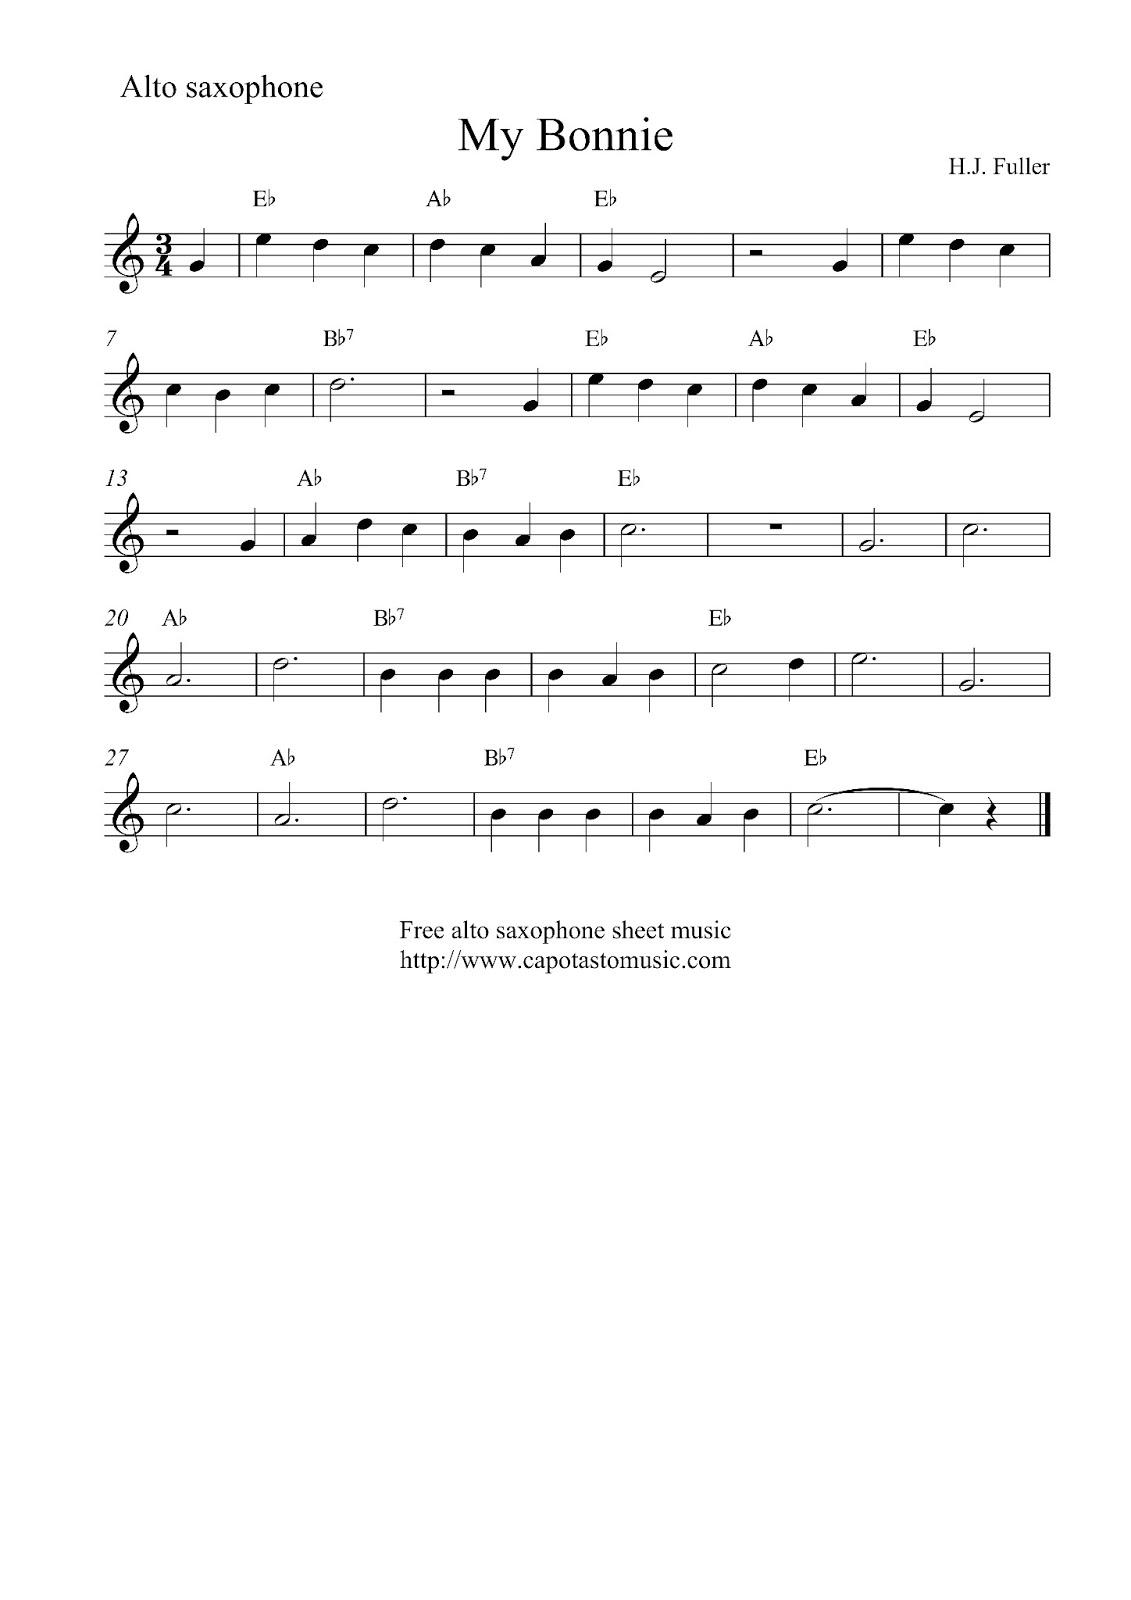 Rock Jams - Alto Saxophone Sheet Music - Sheet Music Plus